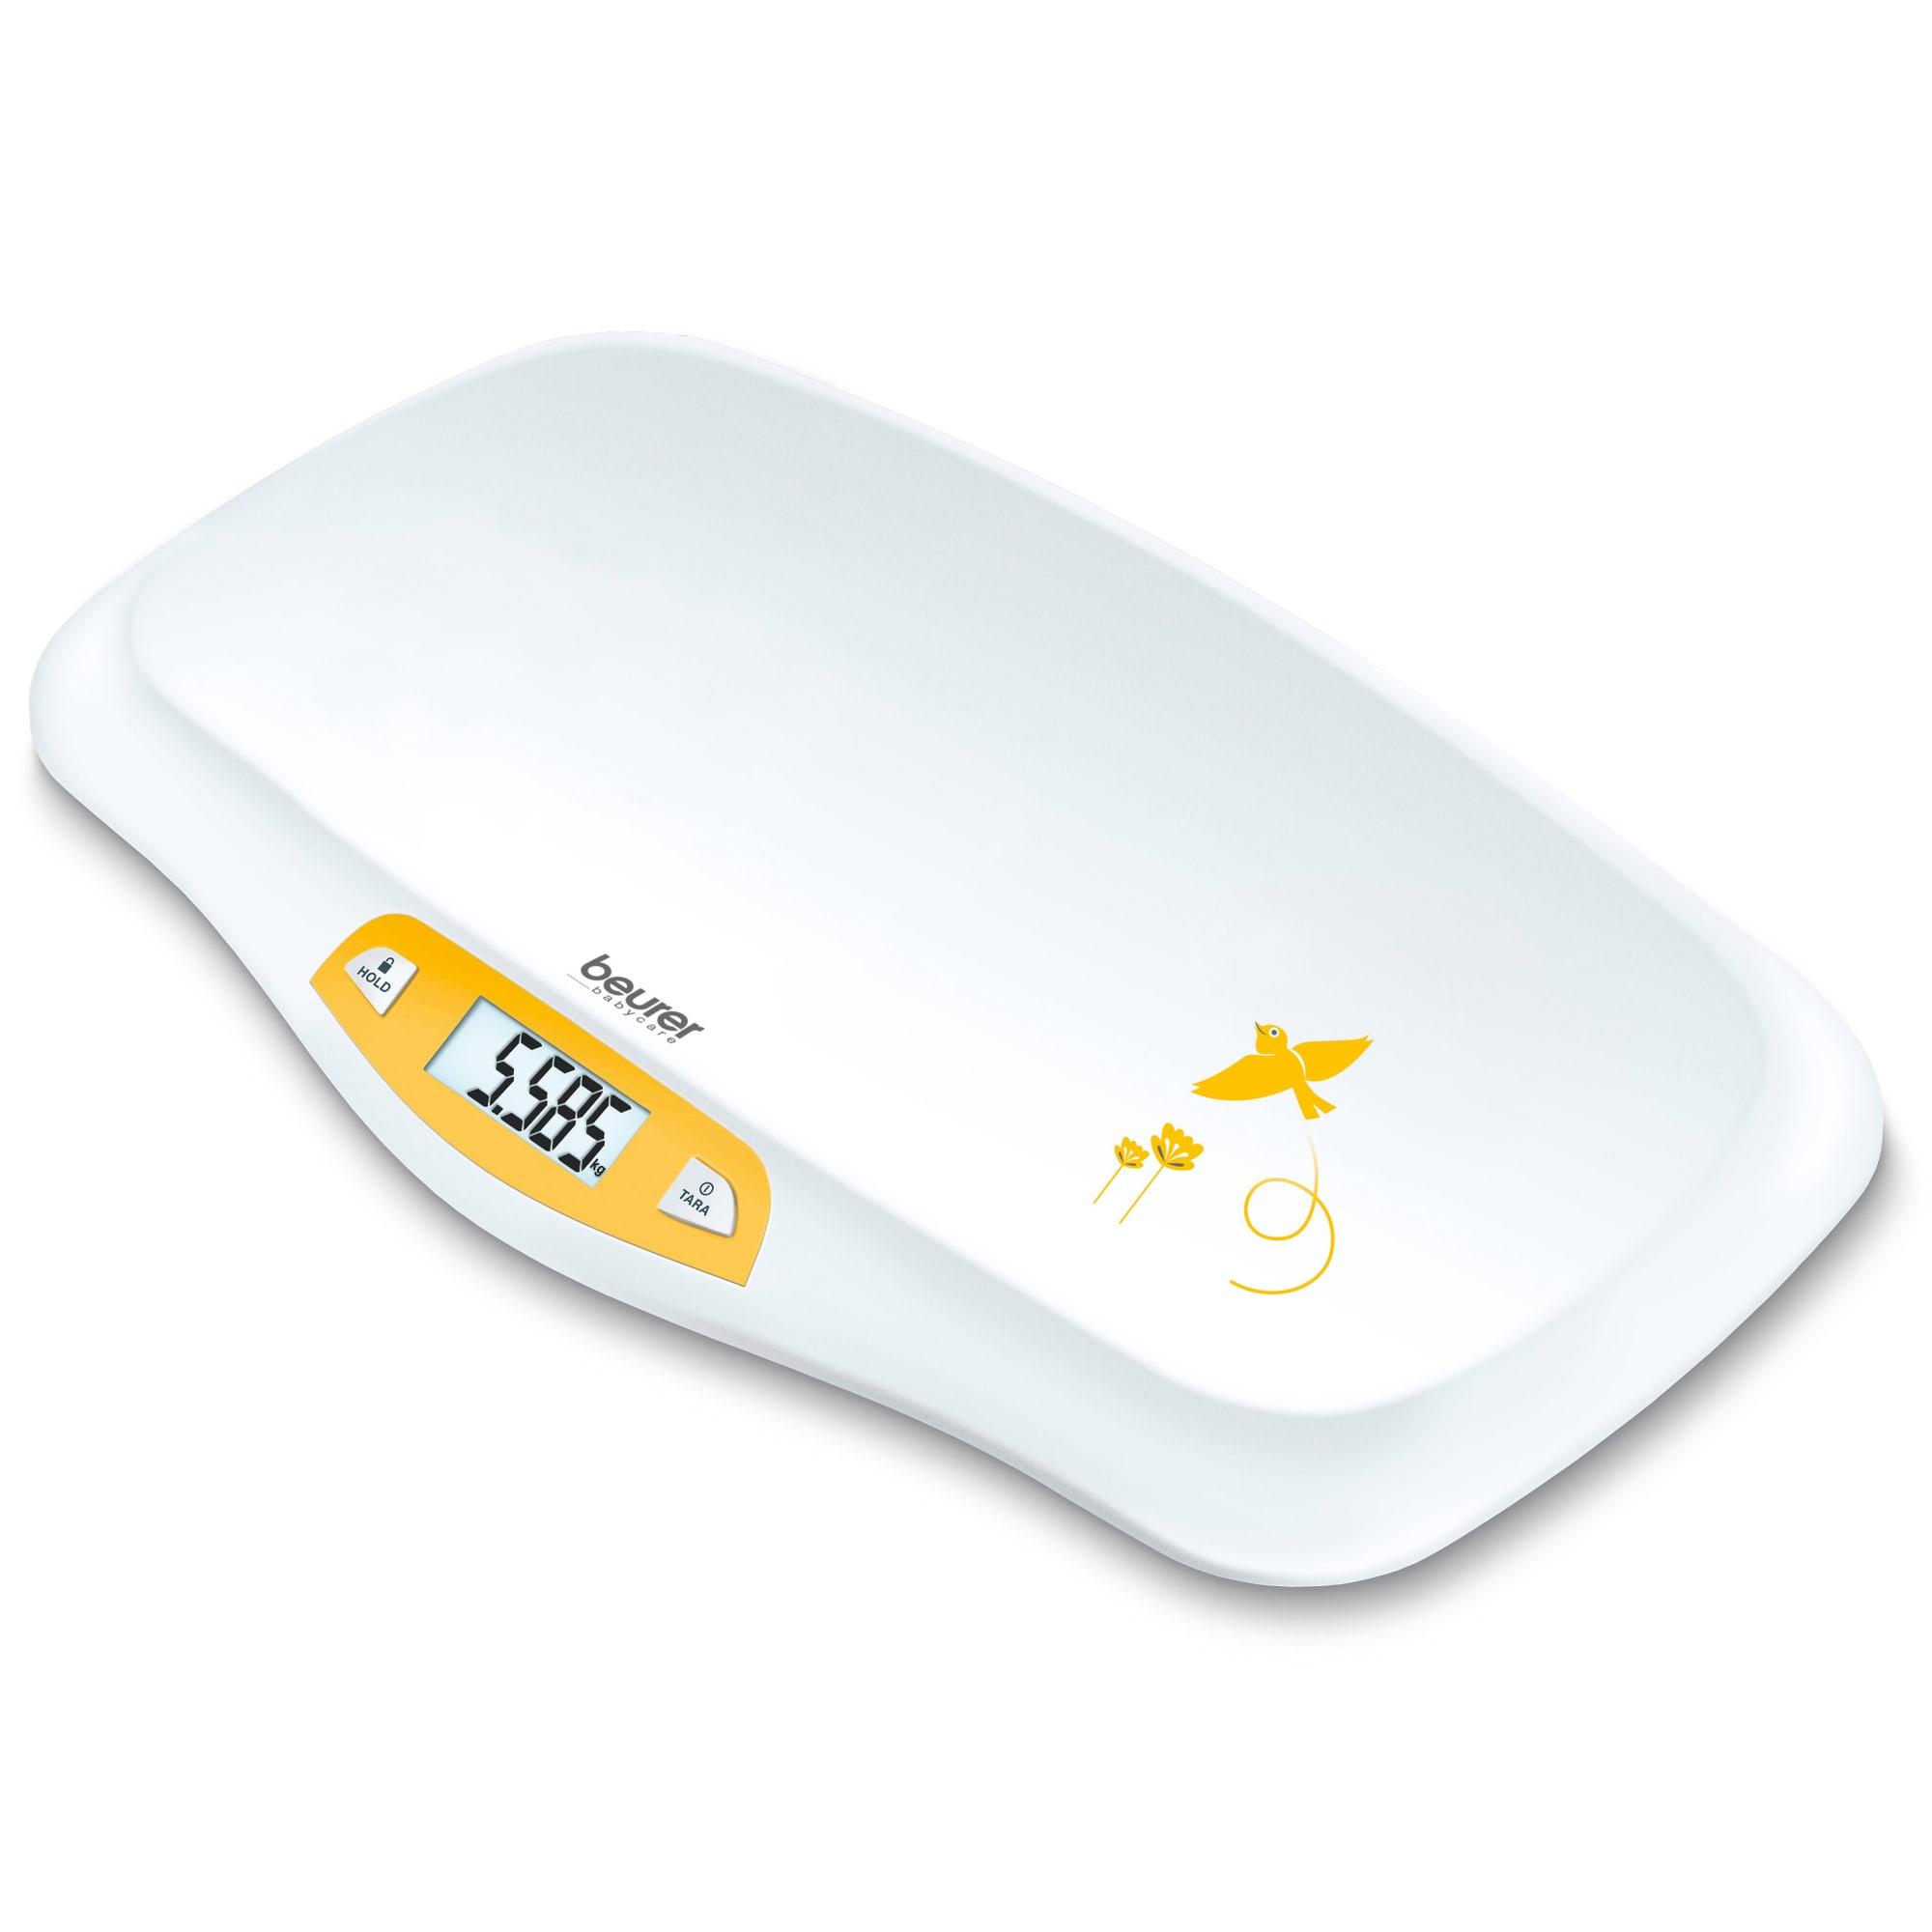 Kan veje børn fra 0-20 kg med 5 grams interval